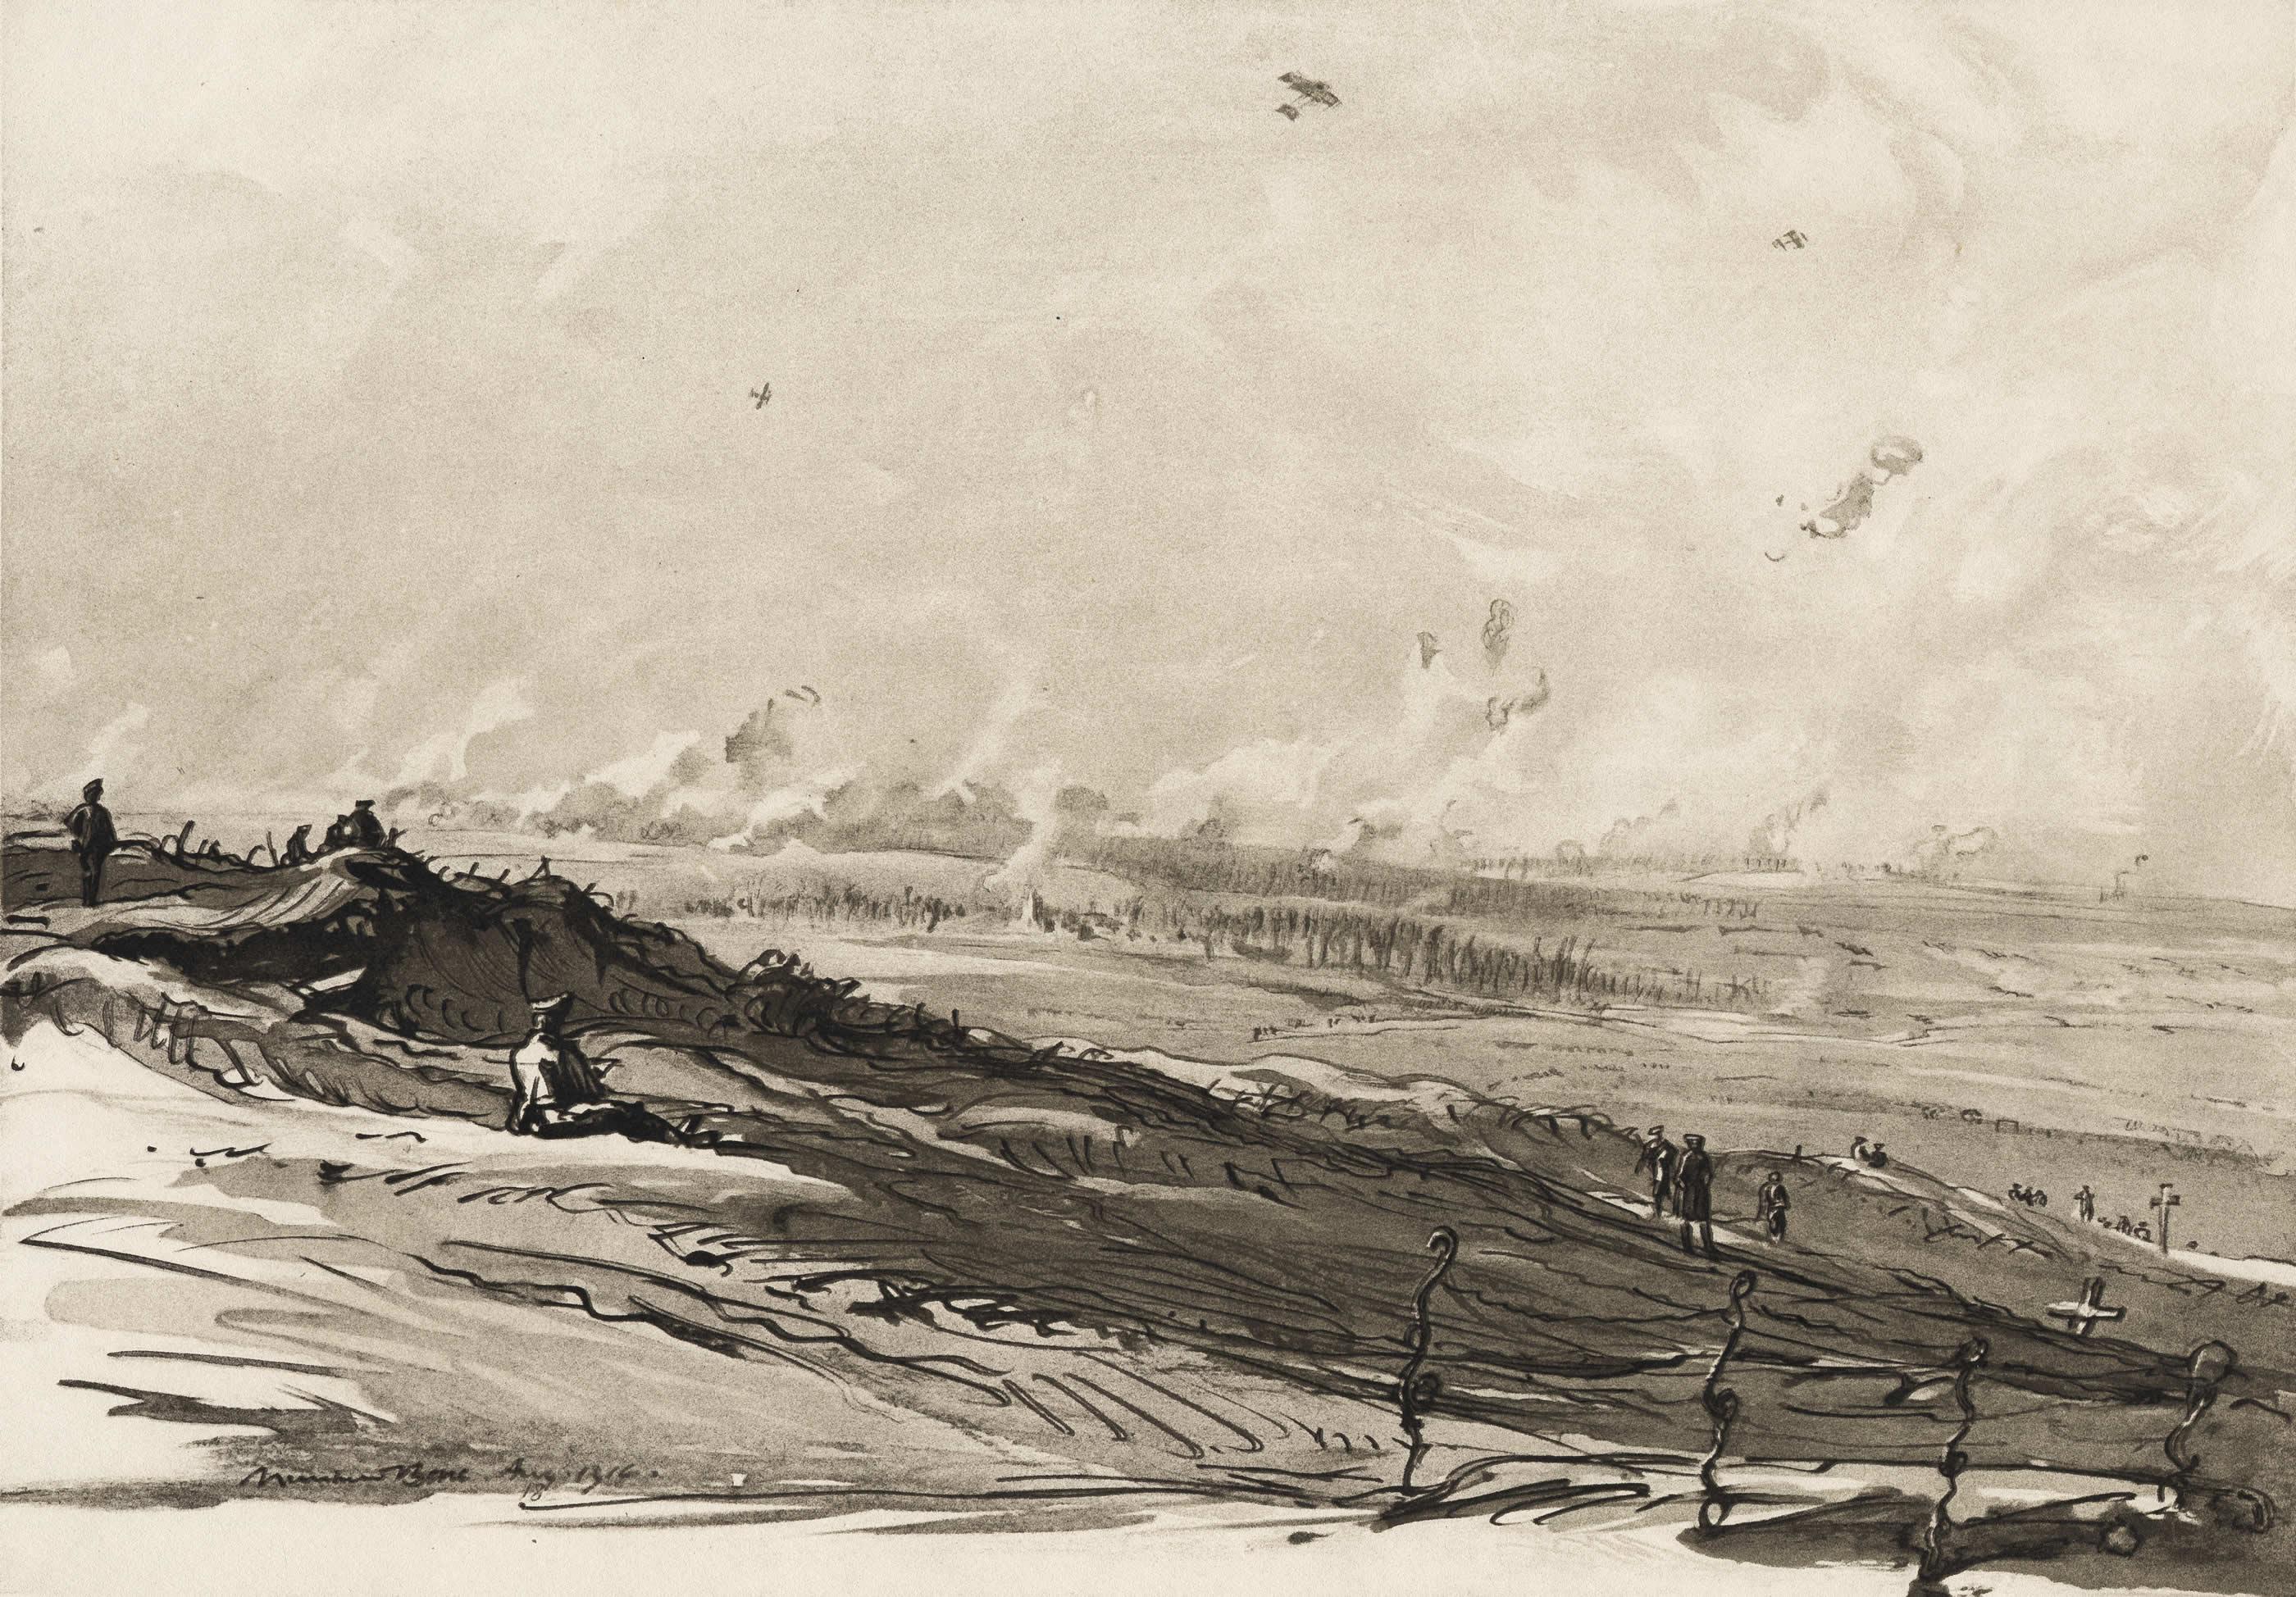 <i>La bataille de la Somme</i>